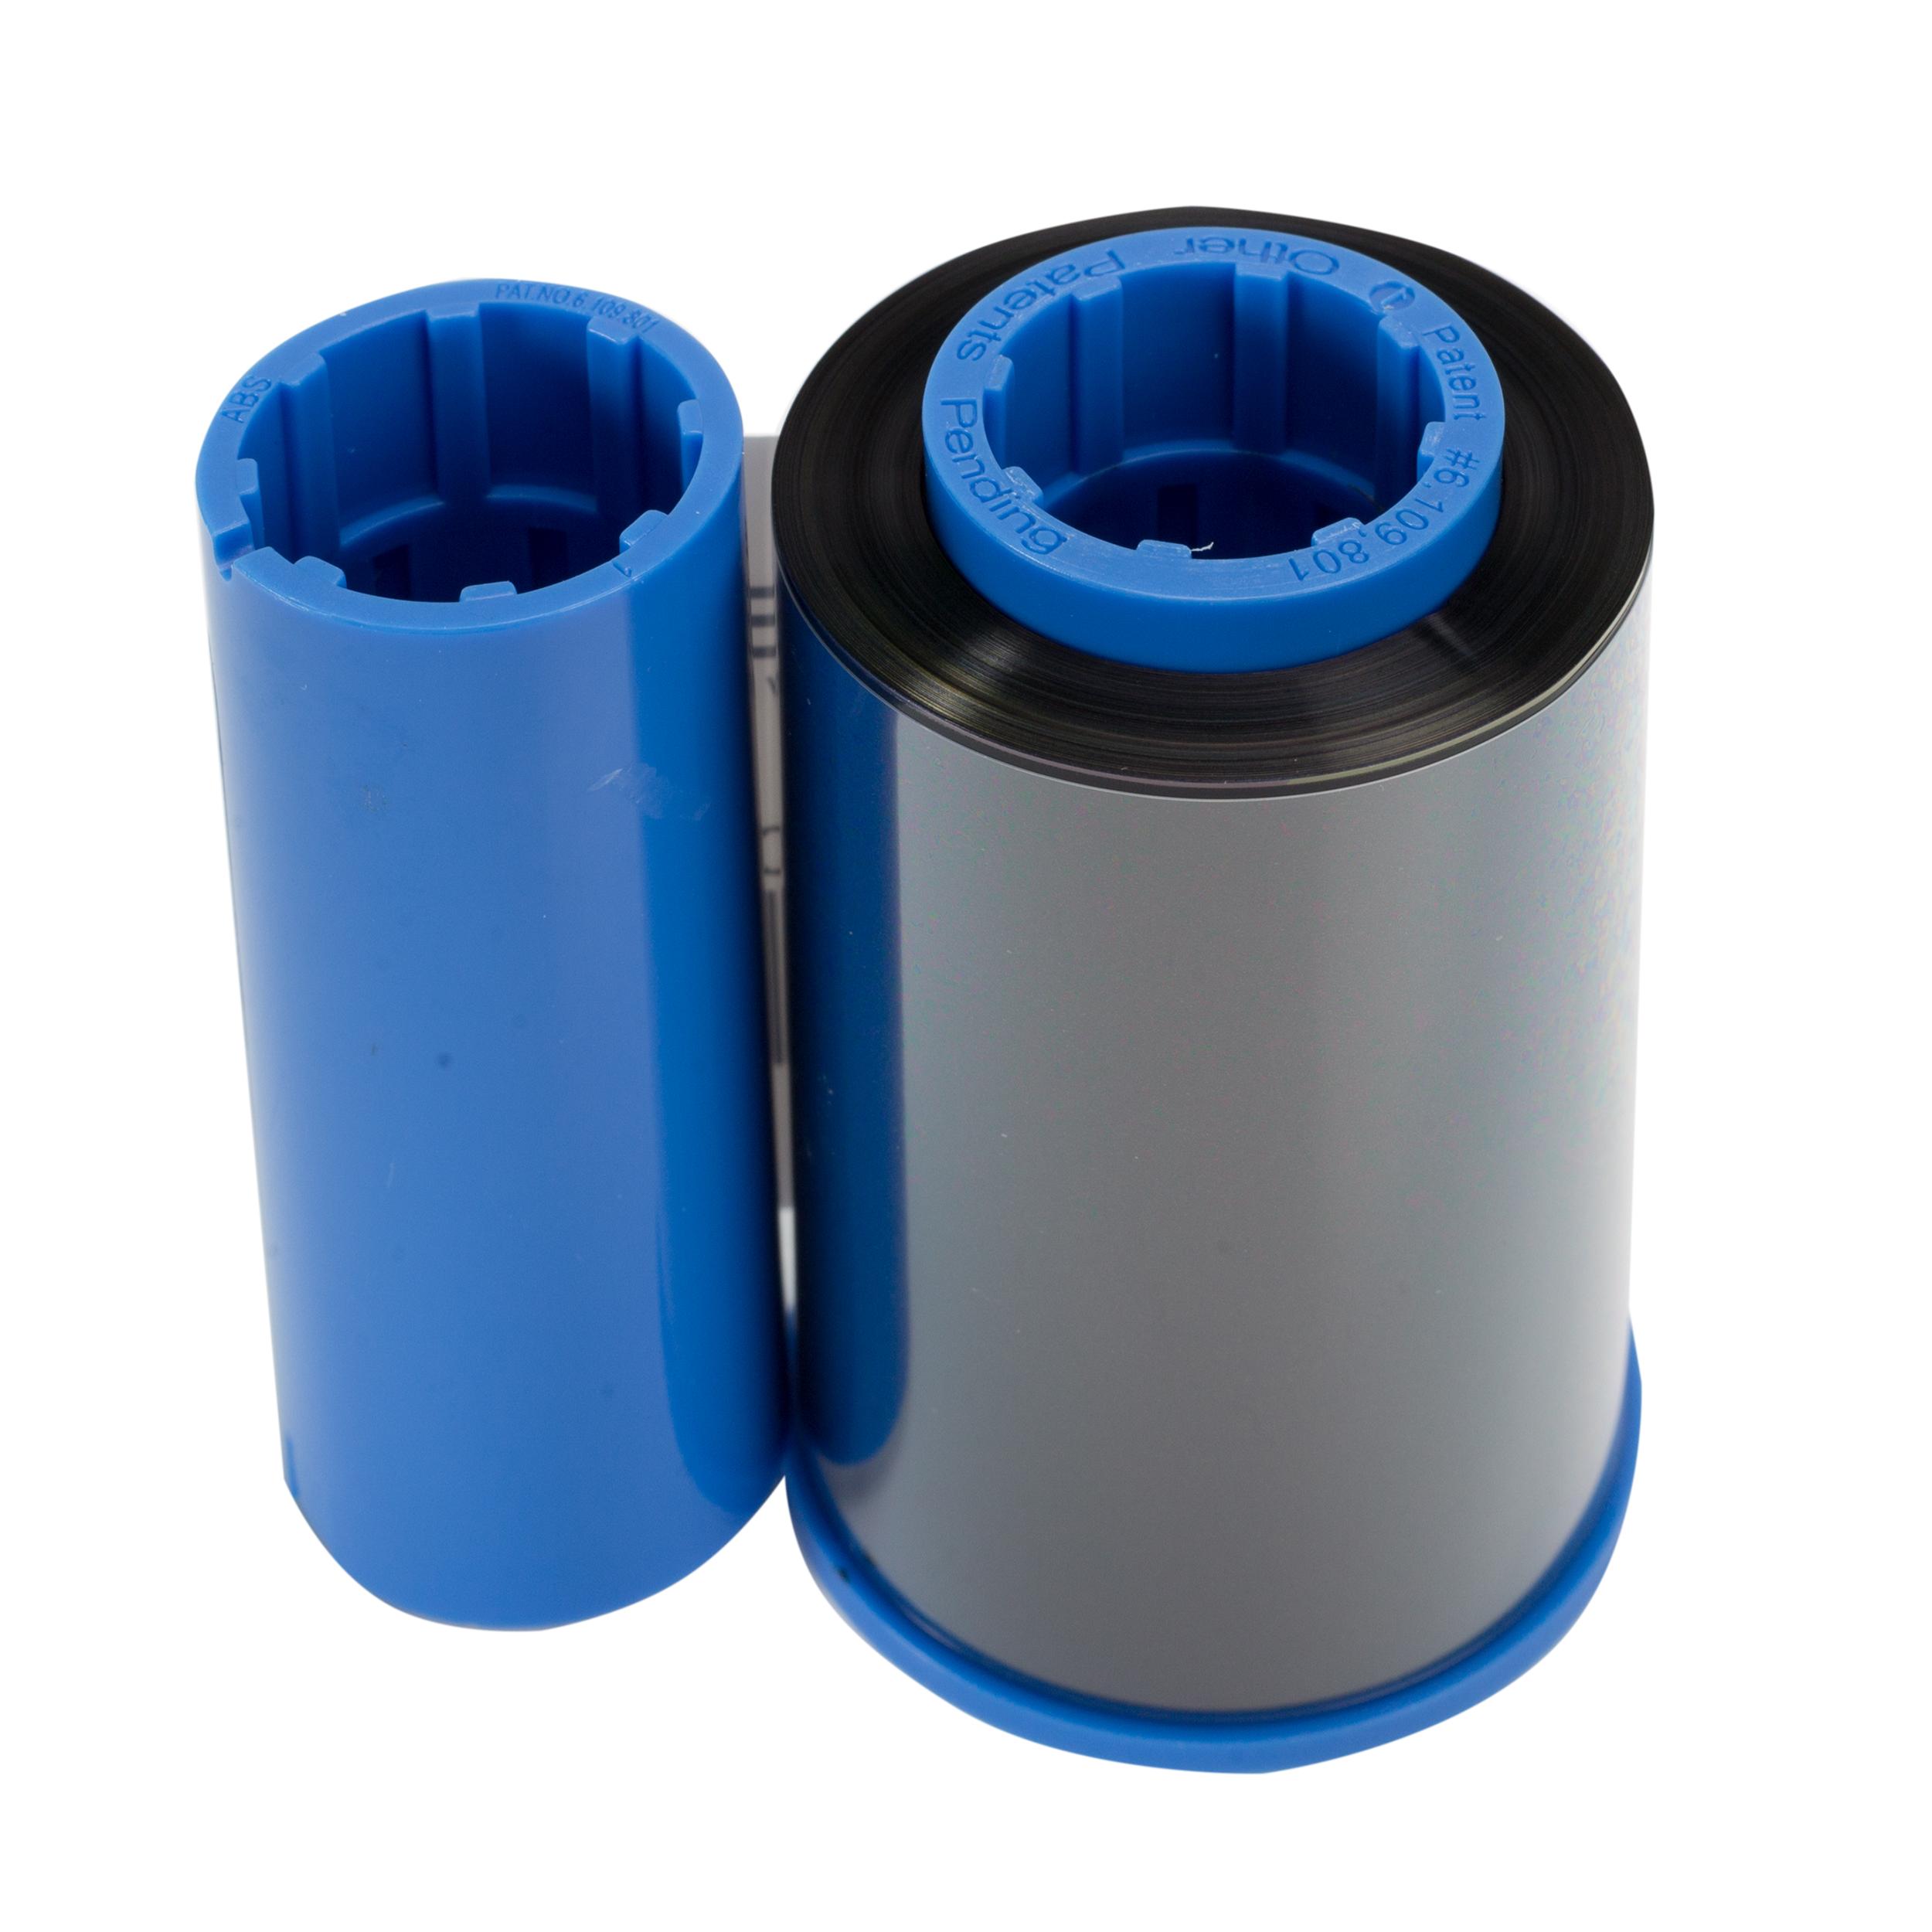 Цветная лента совместимая с принтером Zebra 800015-440 YMCKO